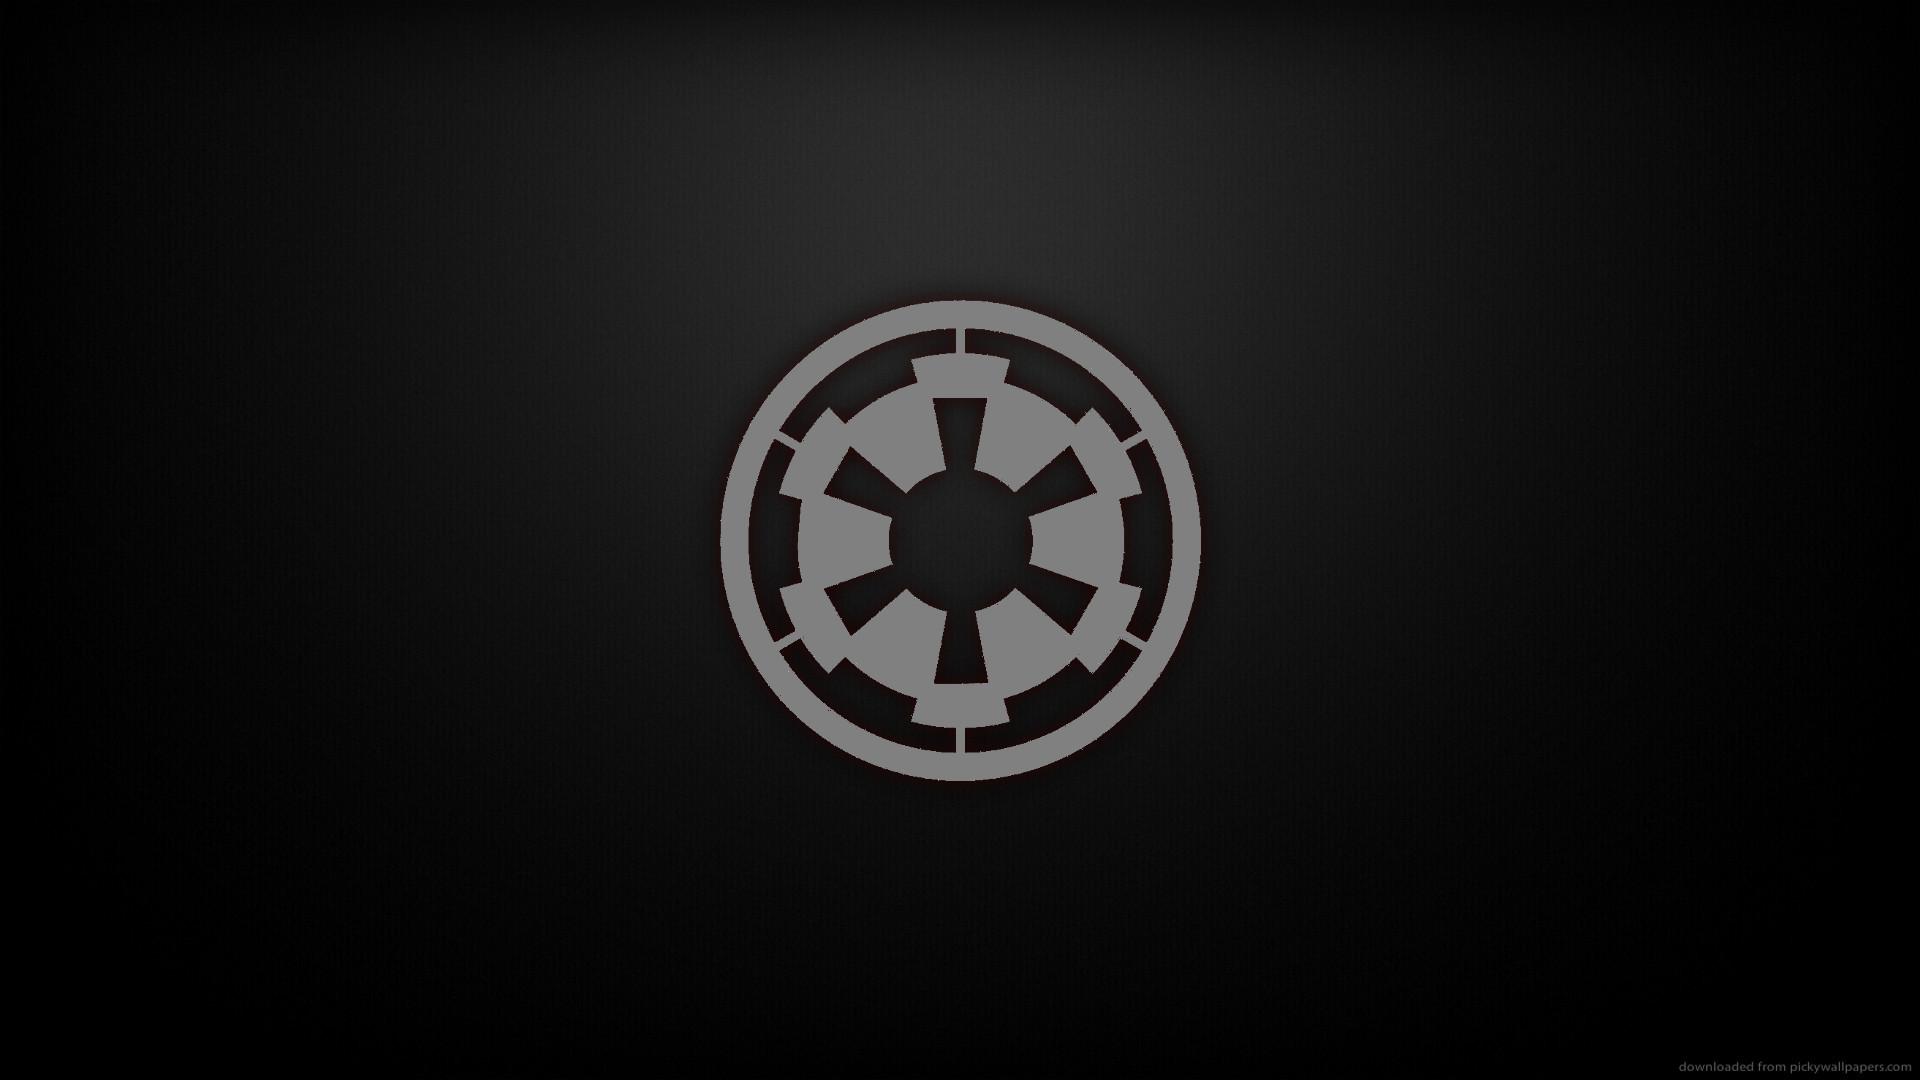 EDIT: Imperial Cog.